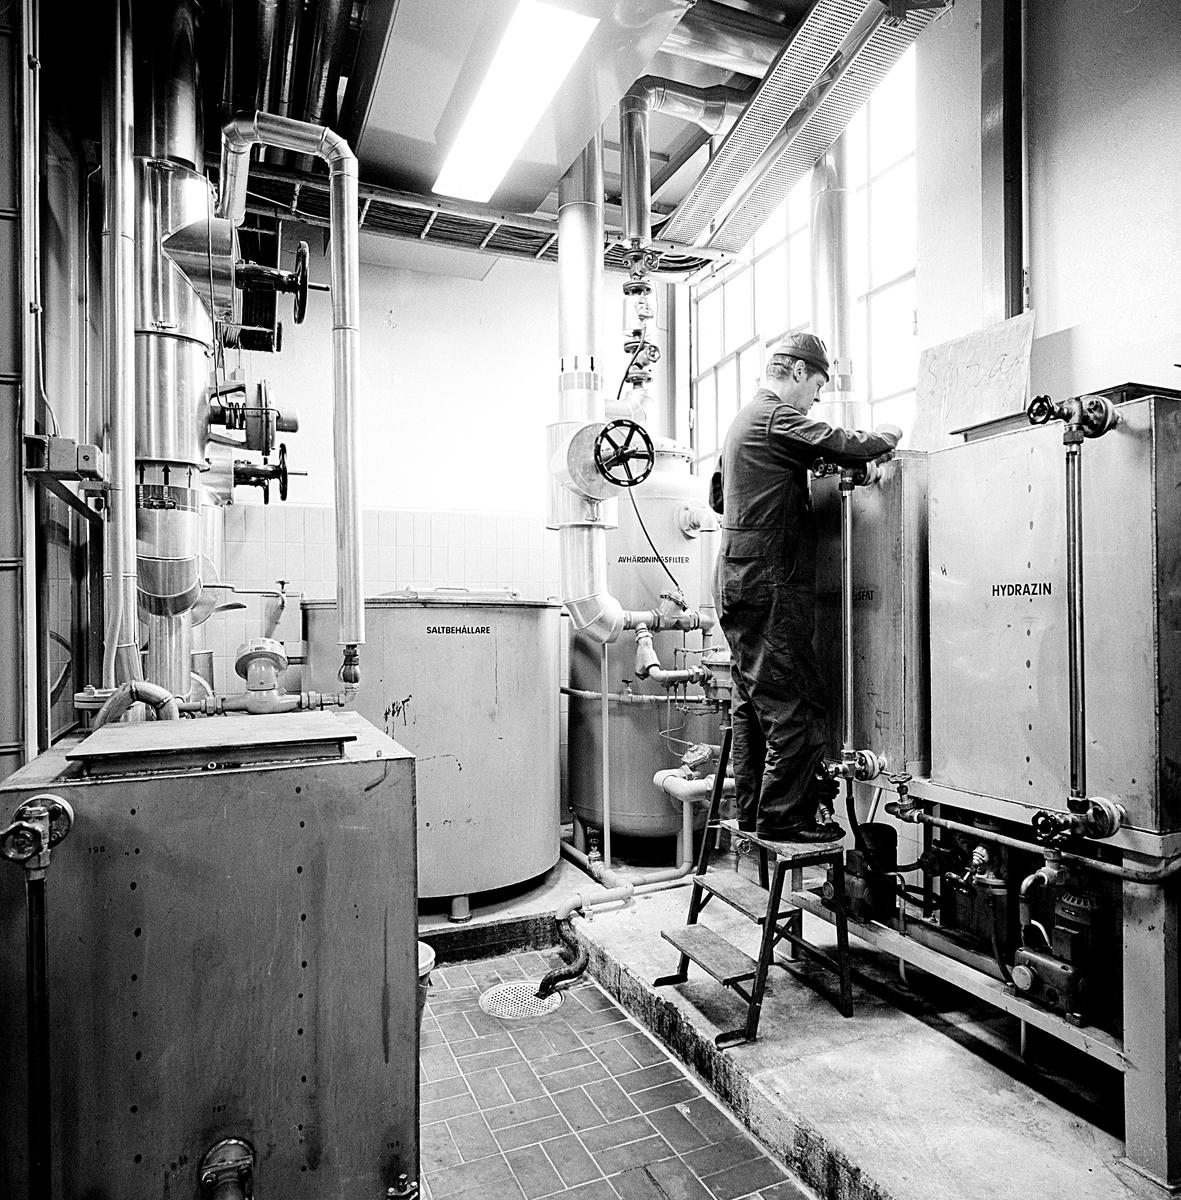 """Statens Järnvägar, SJ, driftverkstad """"Hagalund Övre"""" för underhåll av fjärrgående vagnar och lok. Ångcentral med värmecentral, lokstall med driftverkstad, vattentorn, vagnhall för service med mera. Ångcentral - värmecentral"""